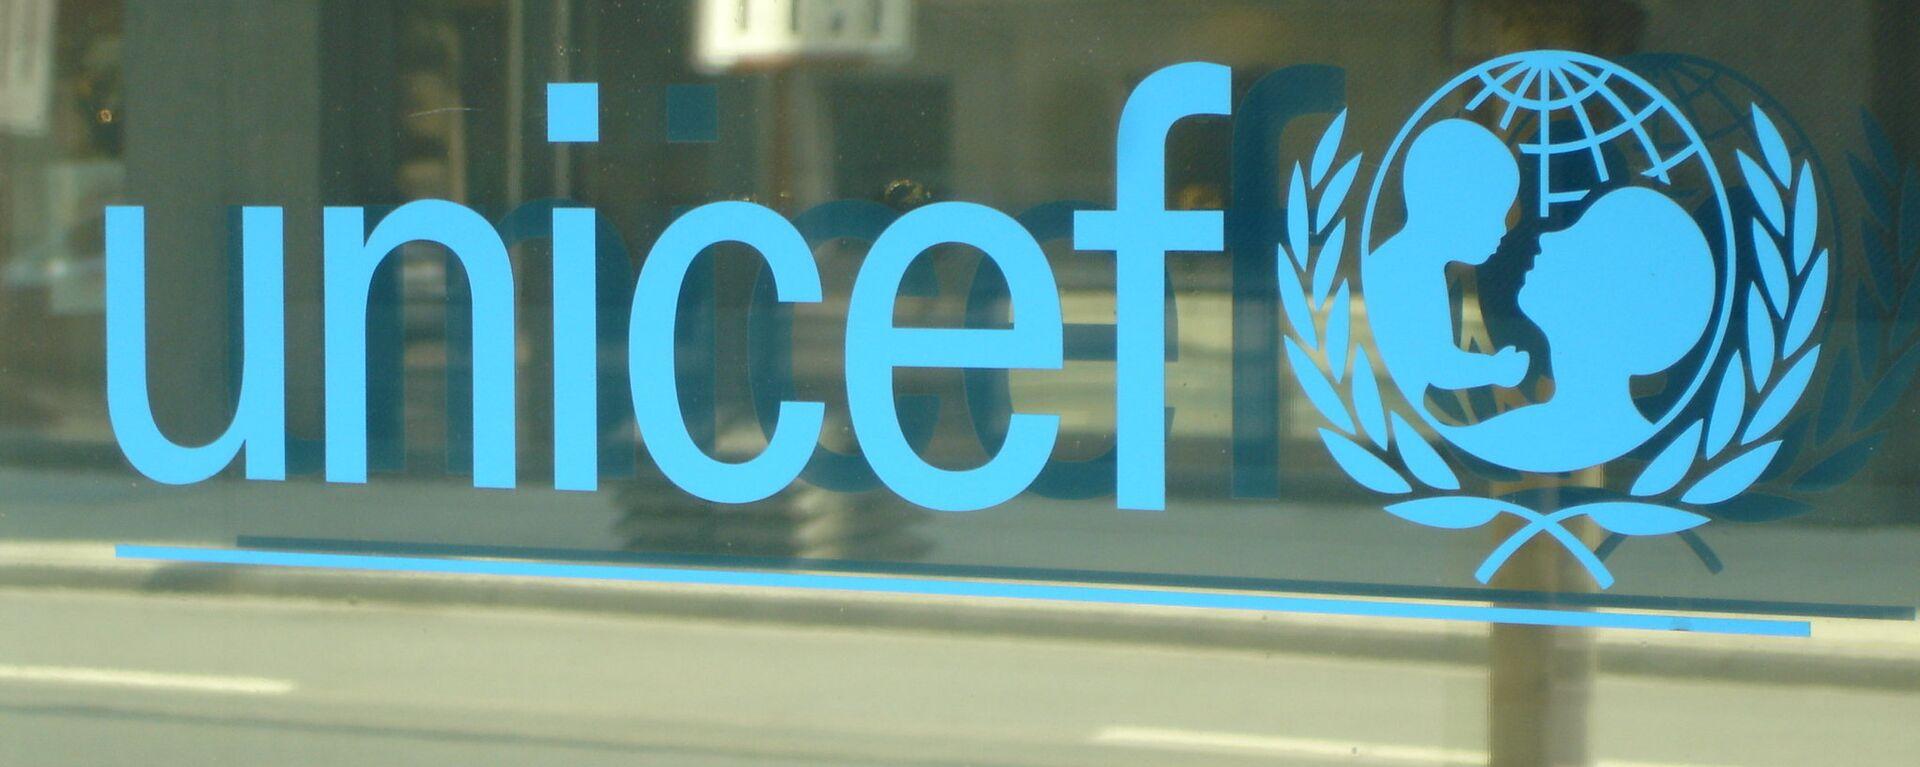 El logo de UNICEF - Sputnik Mundo, 1920, 17.08.2021